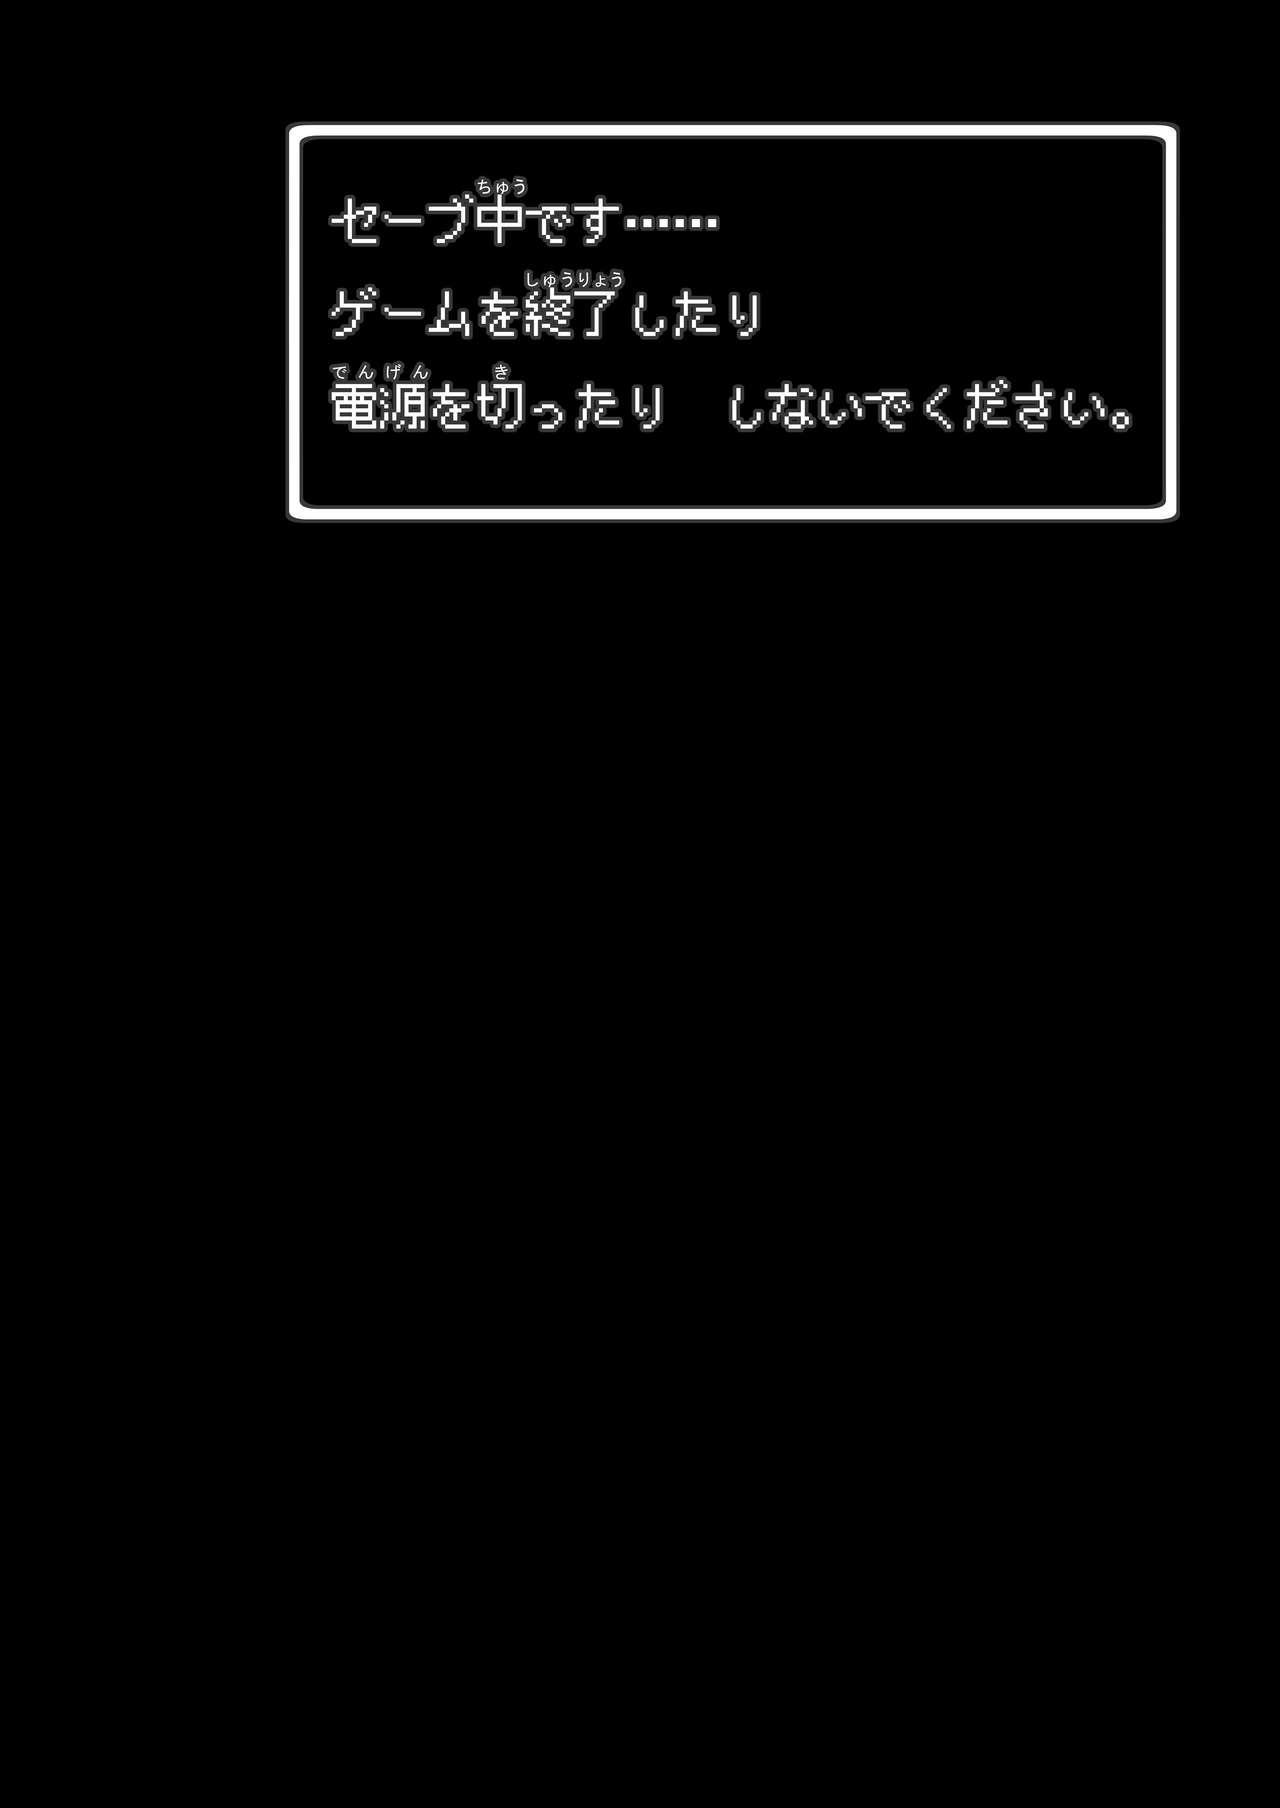 Makotoni Zannen desu ga Bouken no Sho 5 wa Kiete Shimaimashita. 25